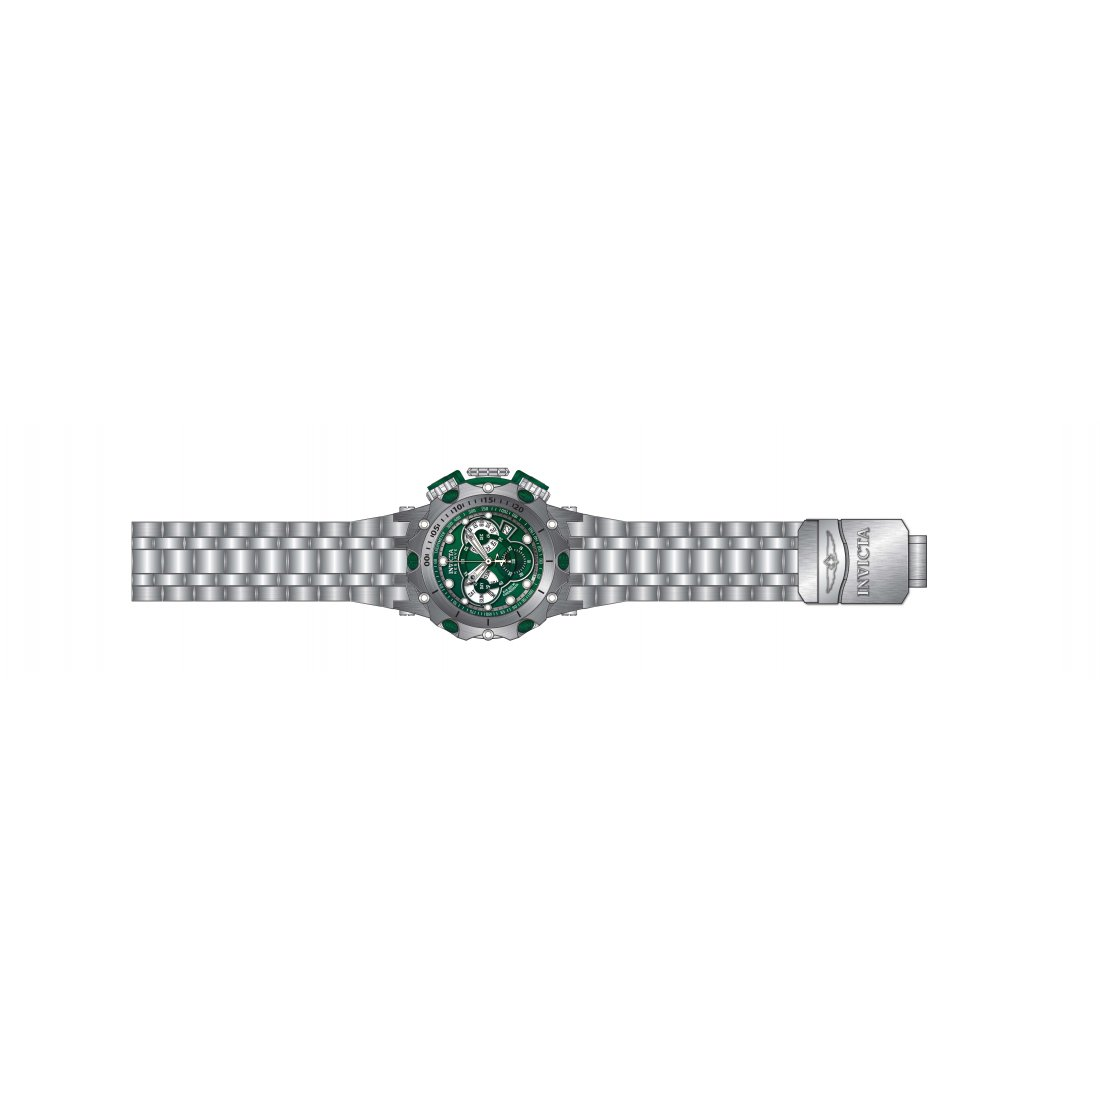 Invicta Reserve 27788   Anny van Buul Juweliers Horloges 2688f93ecf1